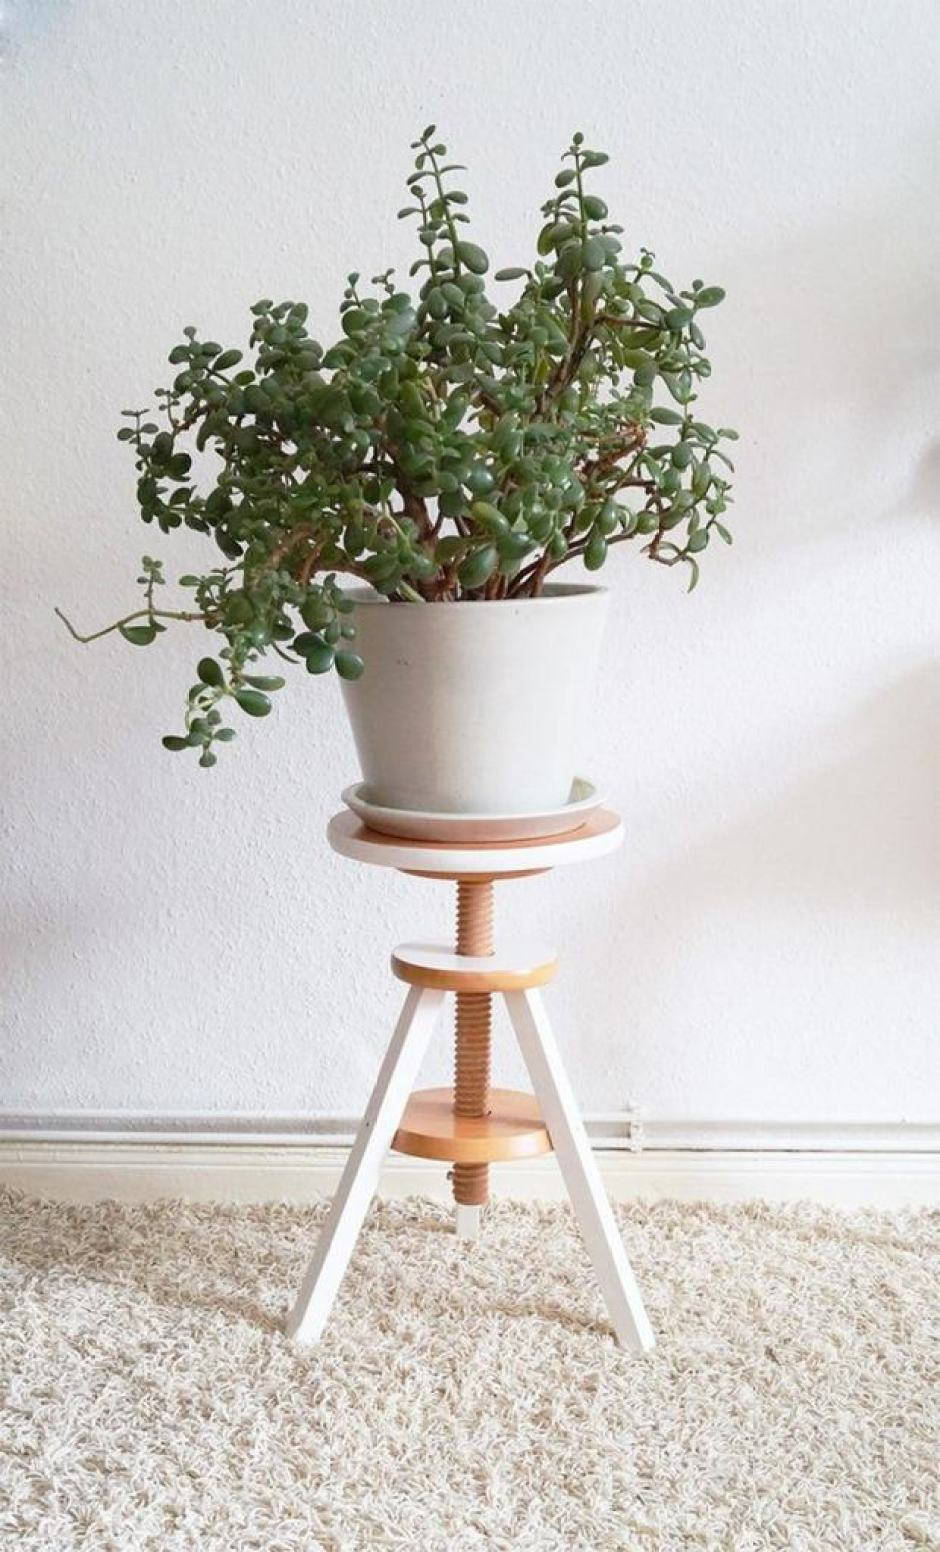 Piedistallo moderno per piante grasse